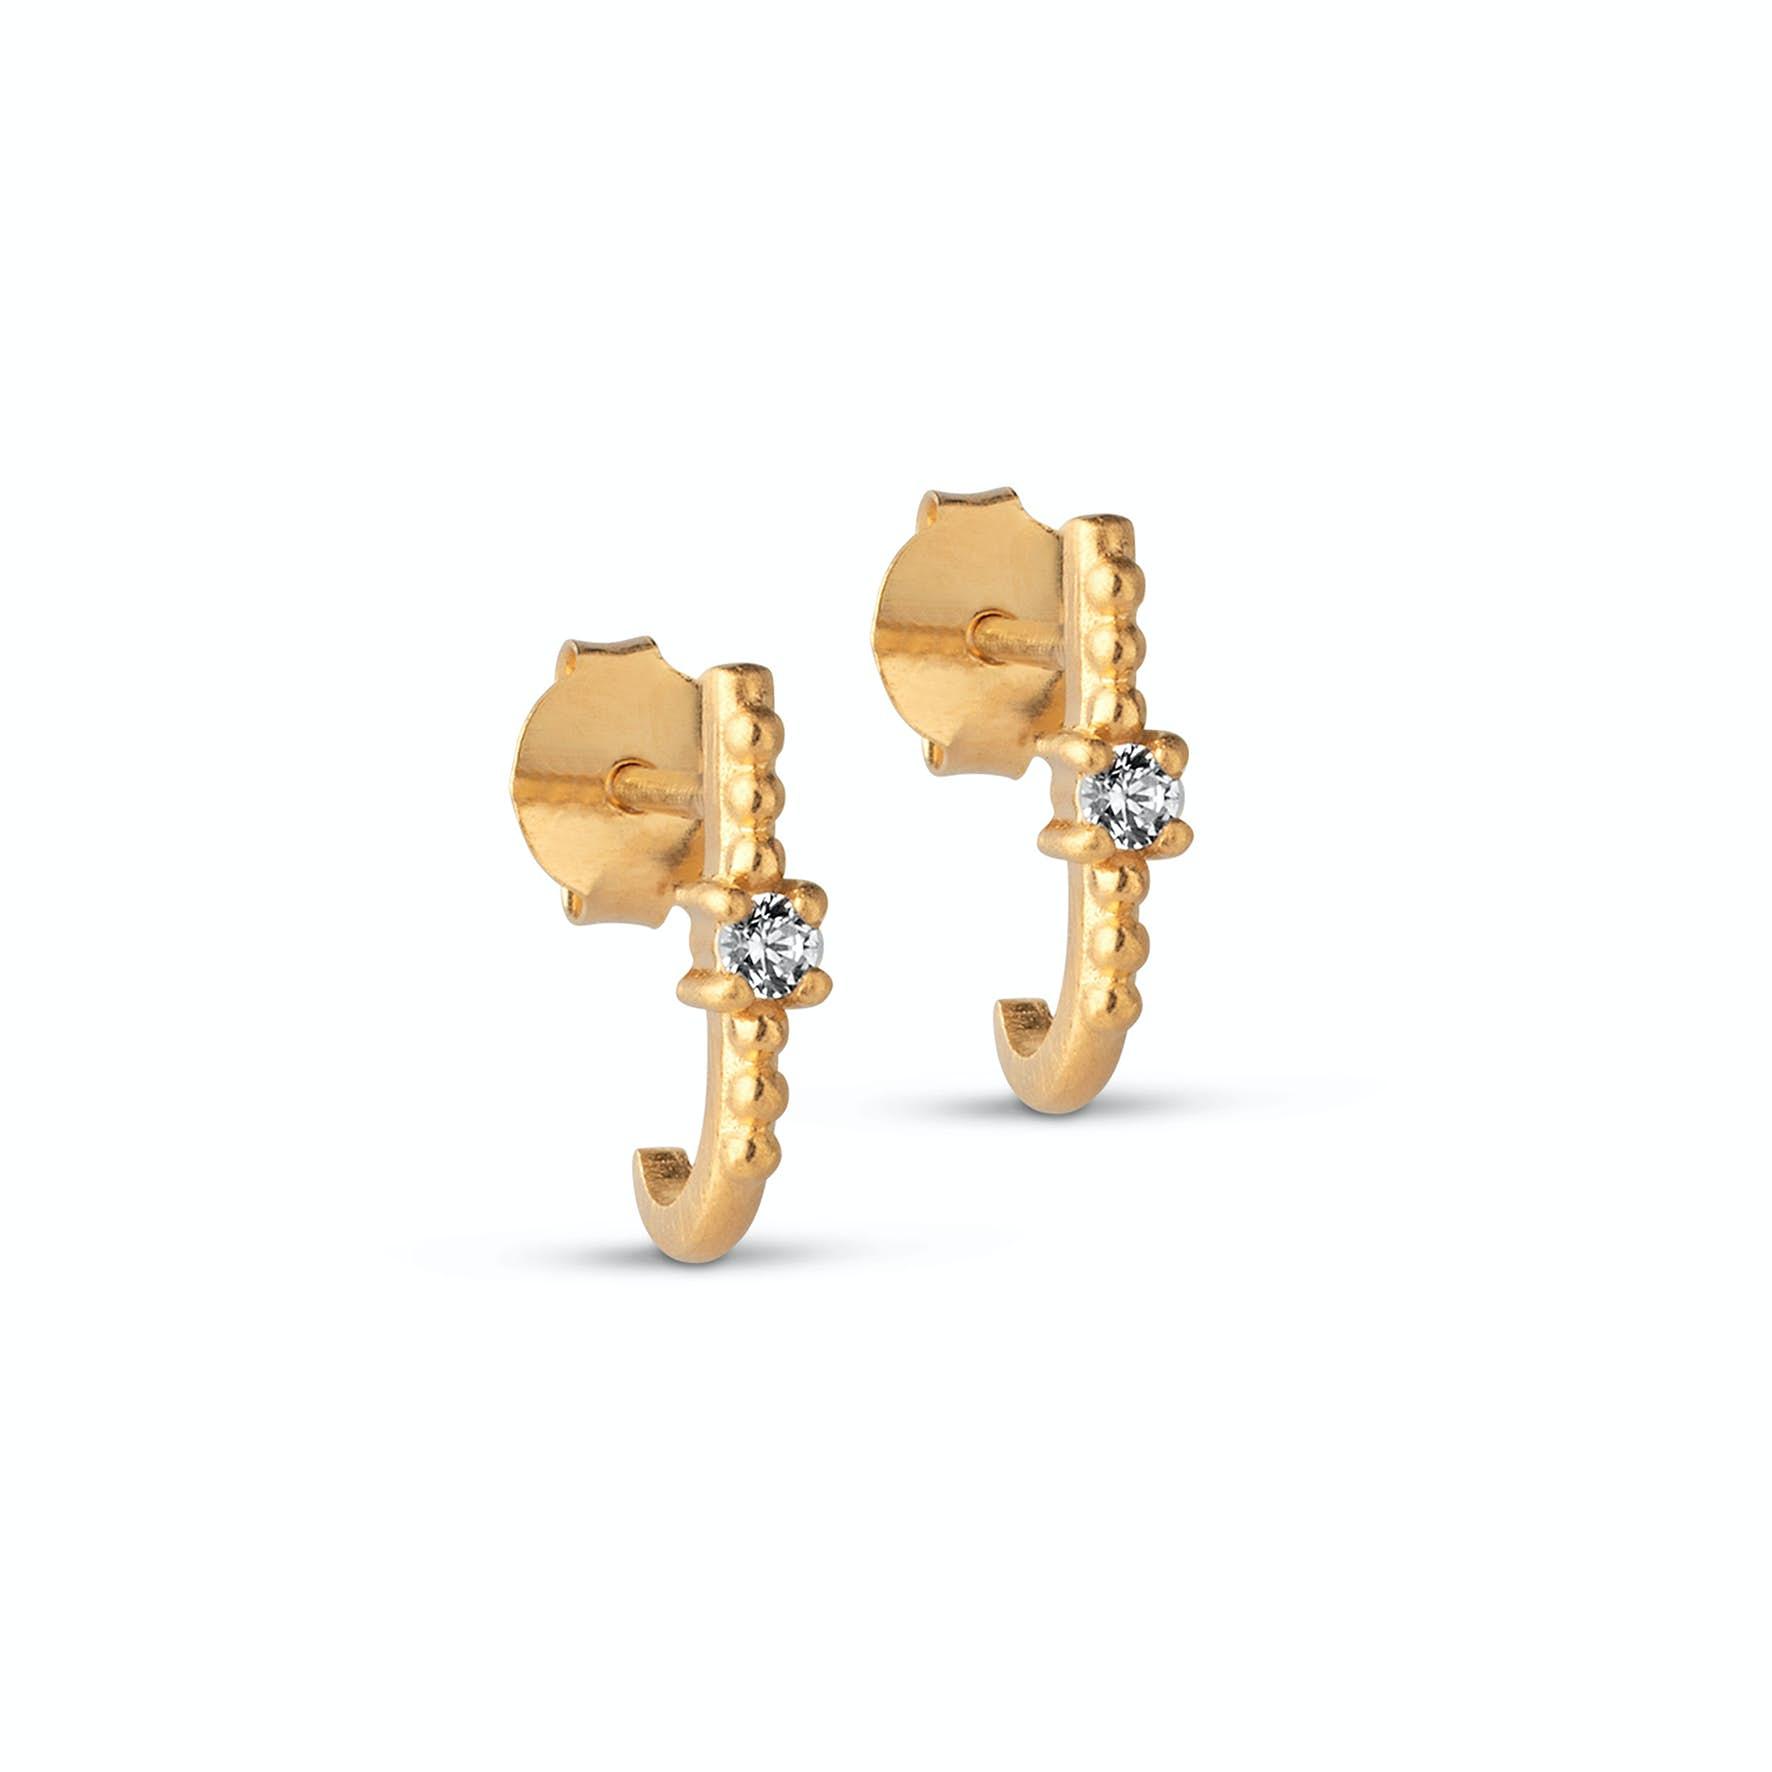 Noelle Earrings from Enamel Copenhagen in Goldplated-Silver Sterling 925